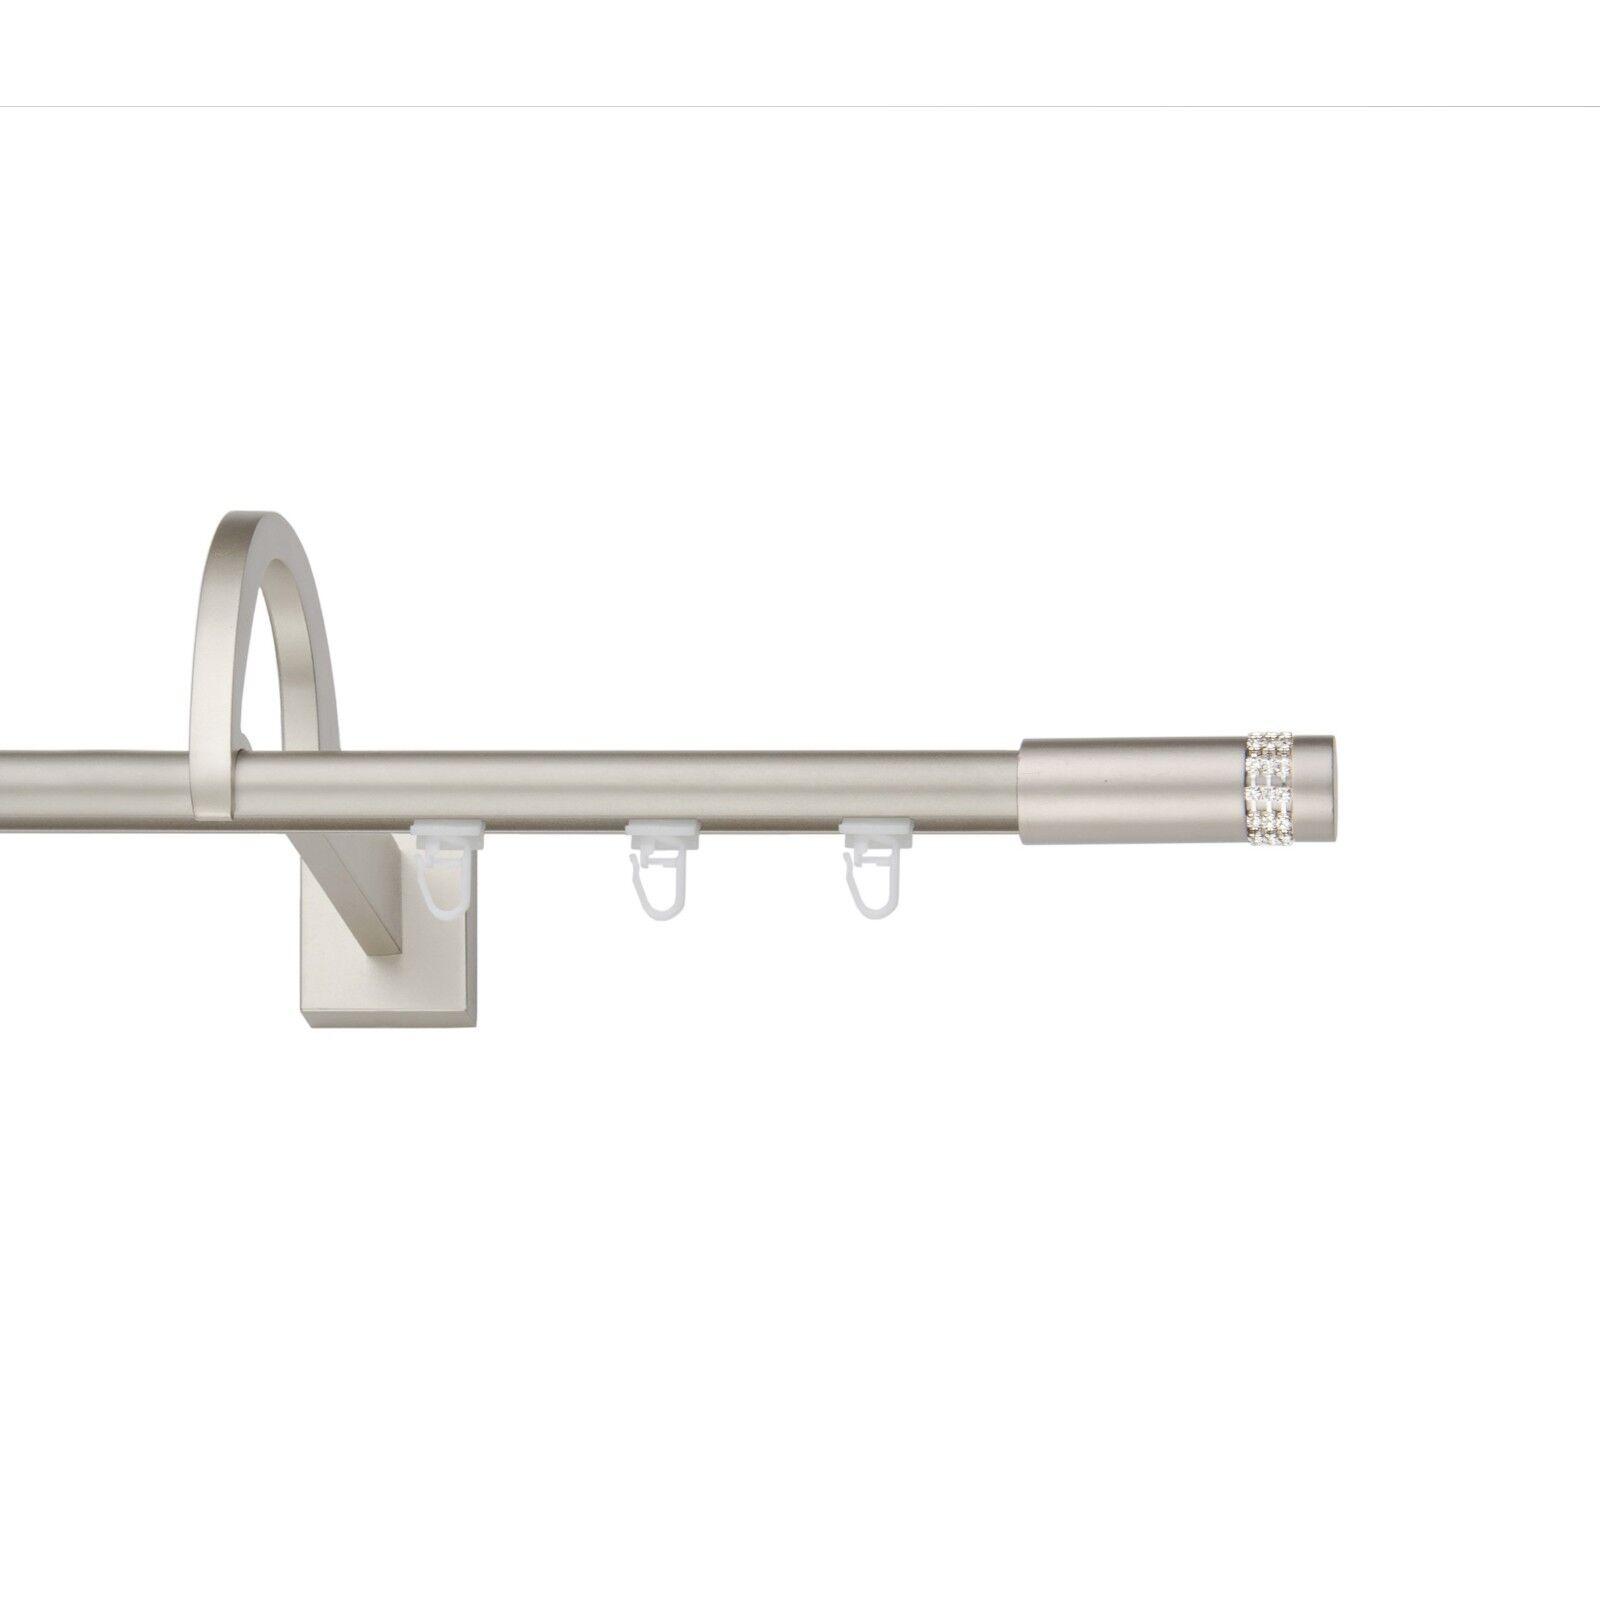 Innenlauf 19mm mit außergewöhnlicher Halterung(Chrom-Matt),1 2-Läuf, 2-Läuf, 2-Läuf, 120-600cm | Deutschland Store  080b2e